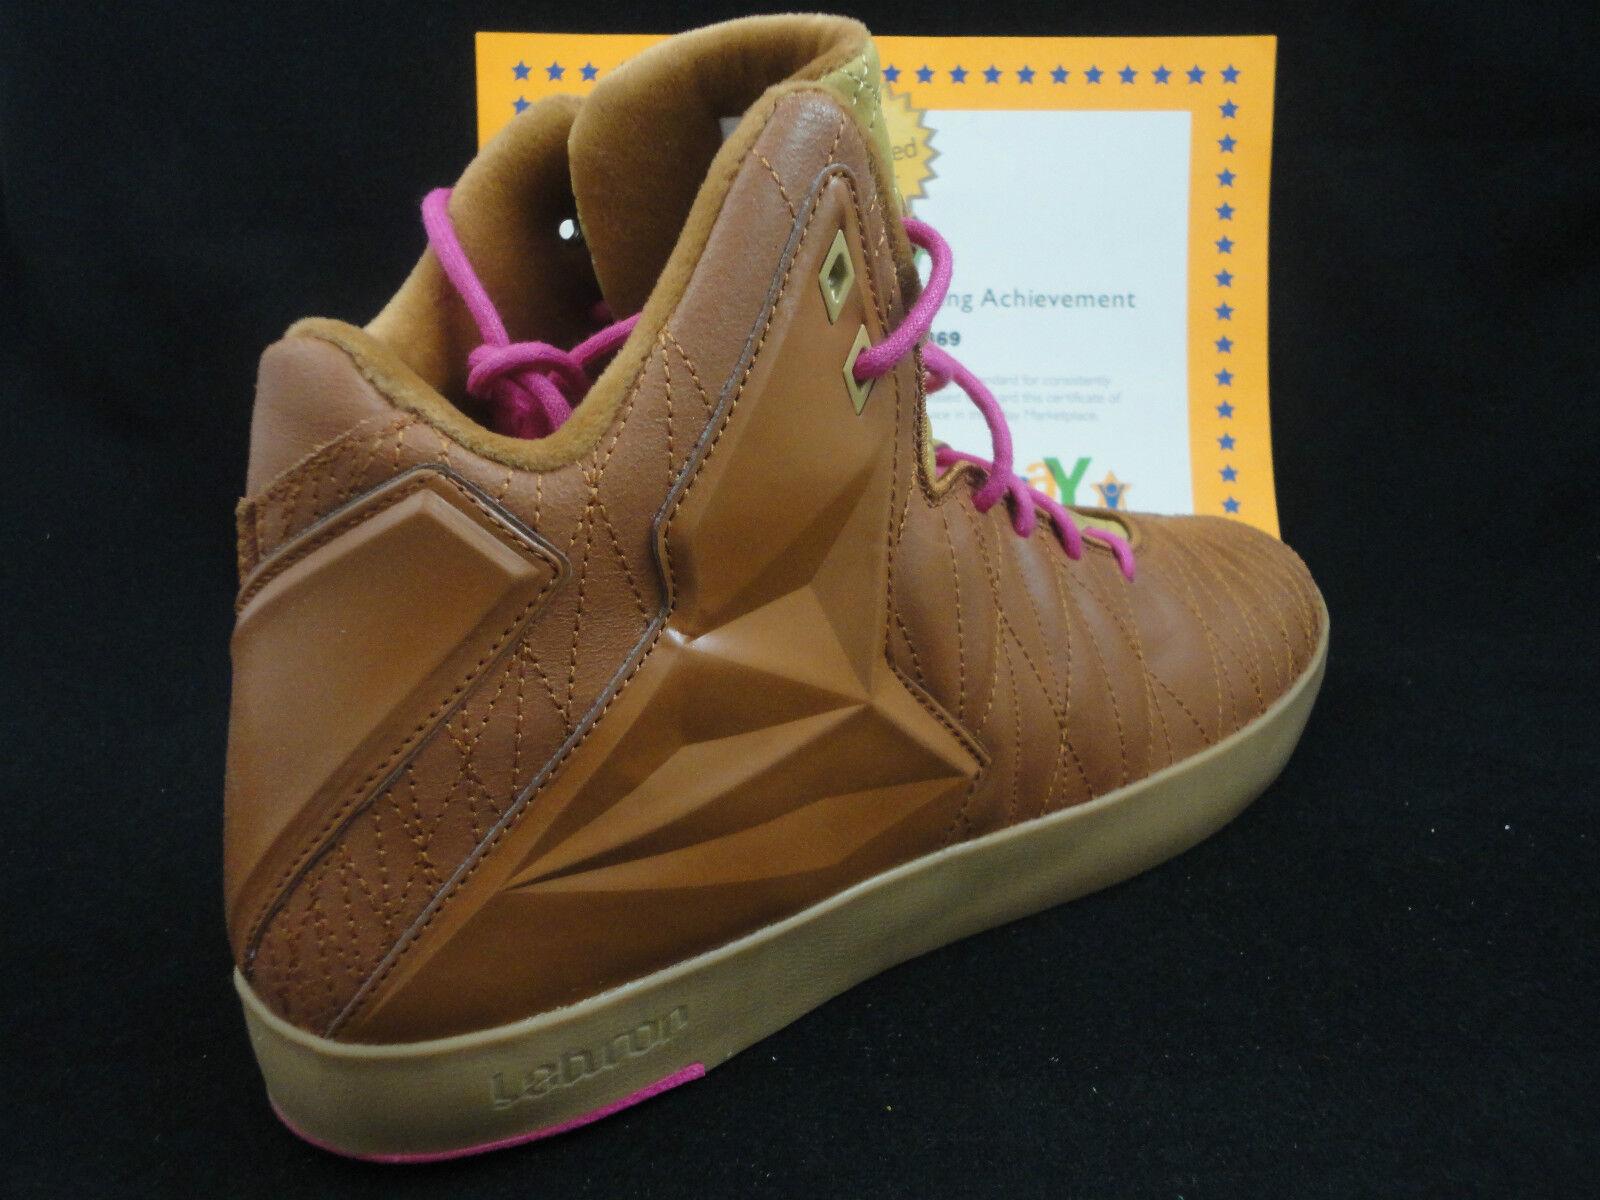 Nike lebron xi lo stile di vita del nuovo galles del sud, nocciola, 2013, sz - 8